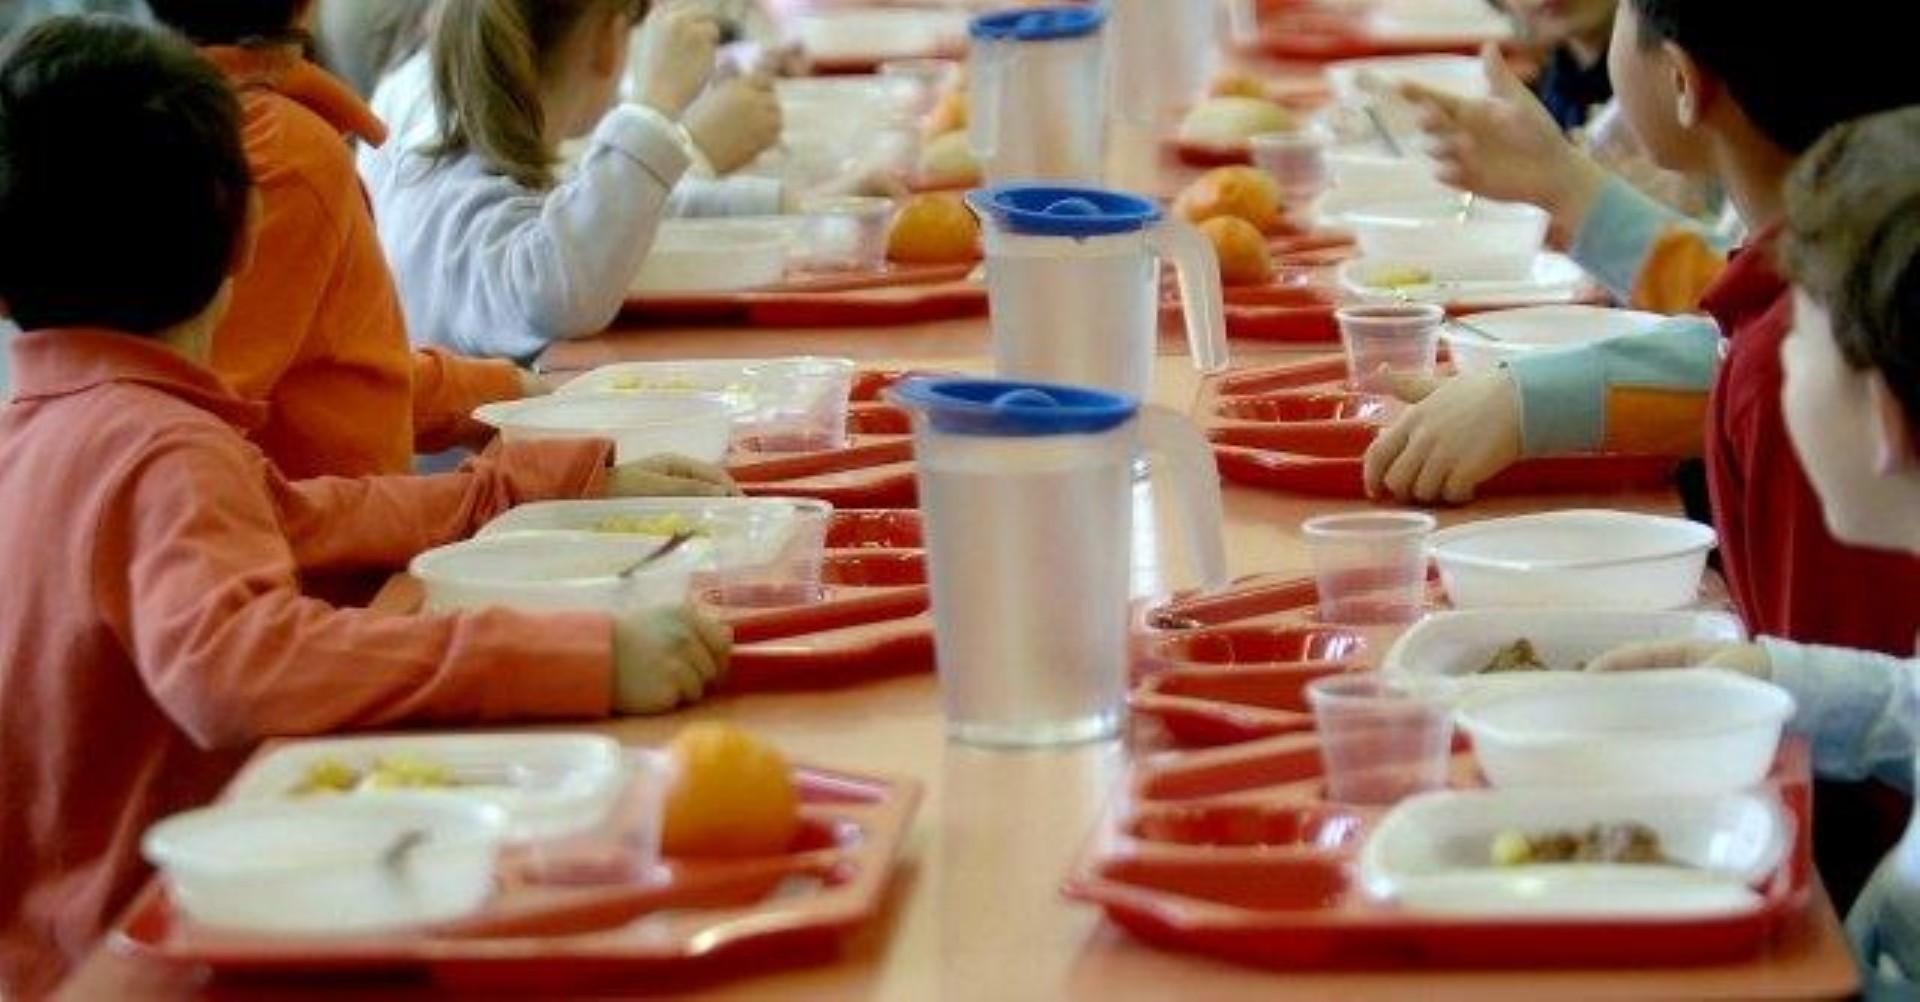 Vermi nella pasta somministrata nella mensa scolastica di Carpiano